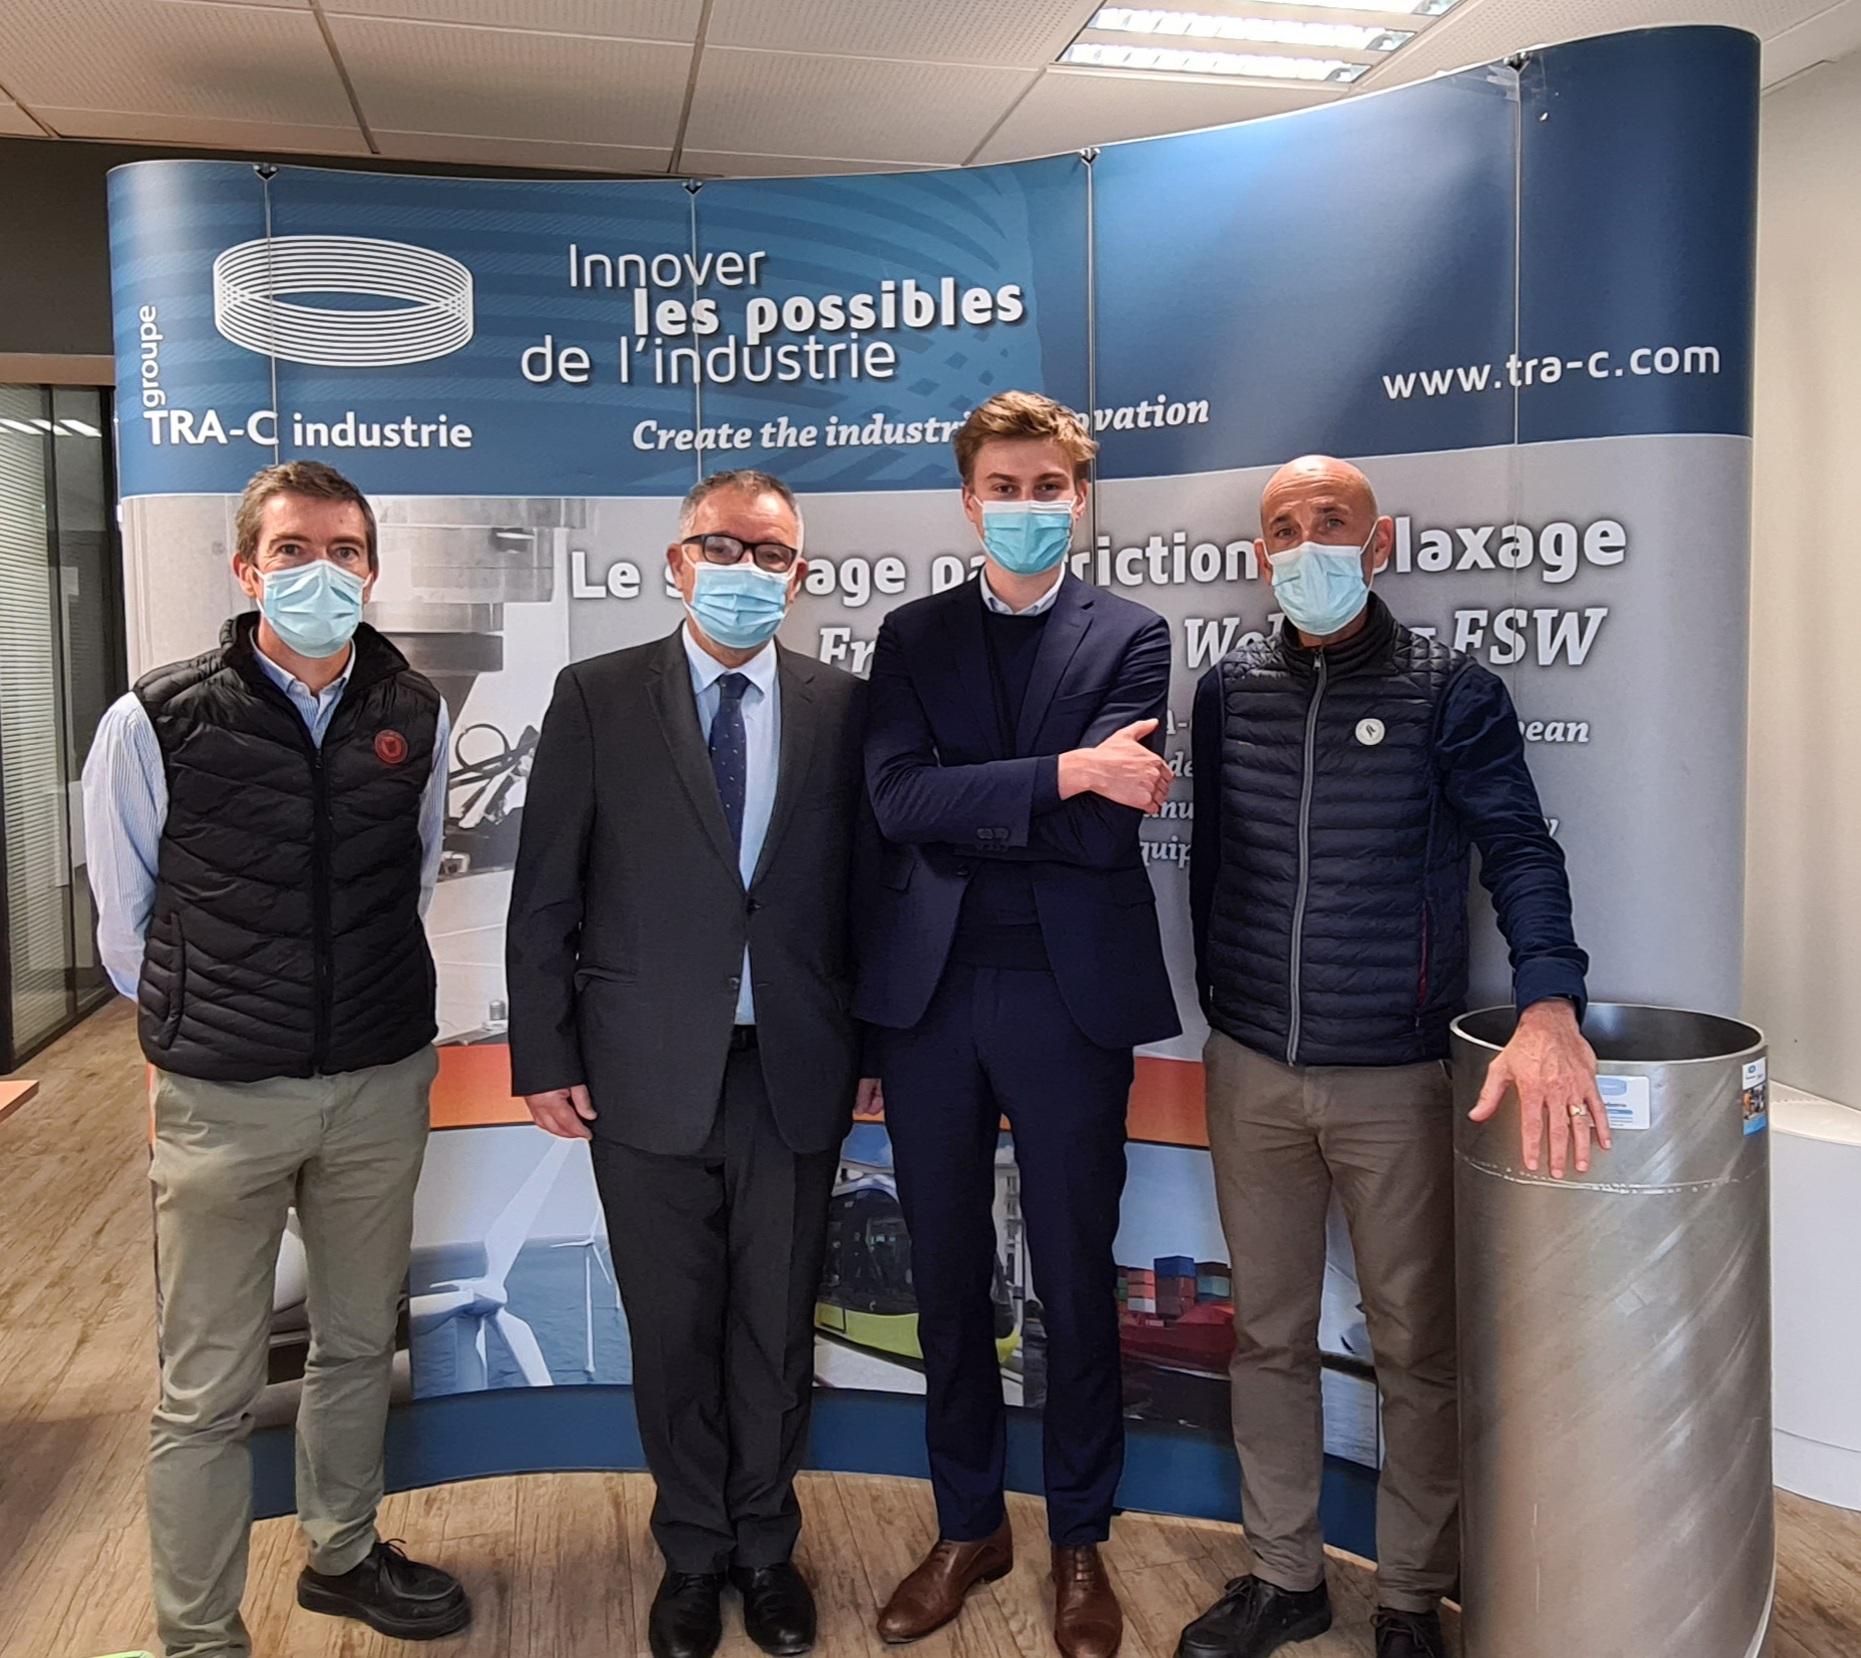 Visite du Sous-Préfet de Villefranche-sur-Saône dans les ateliers de TRA-C industrie